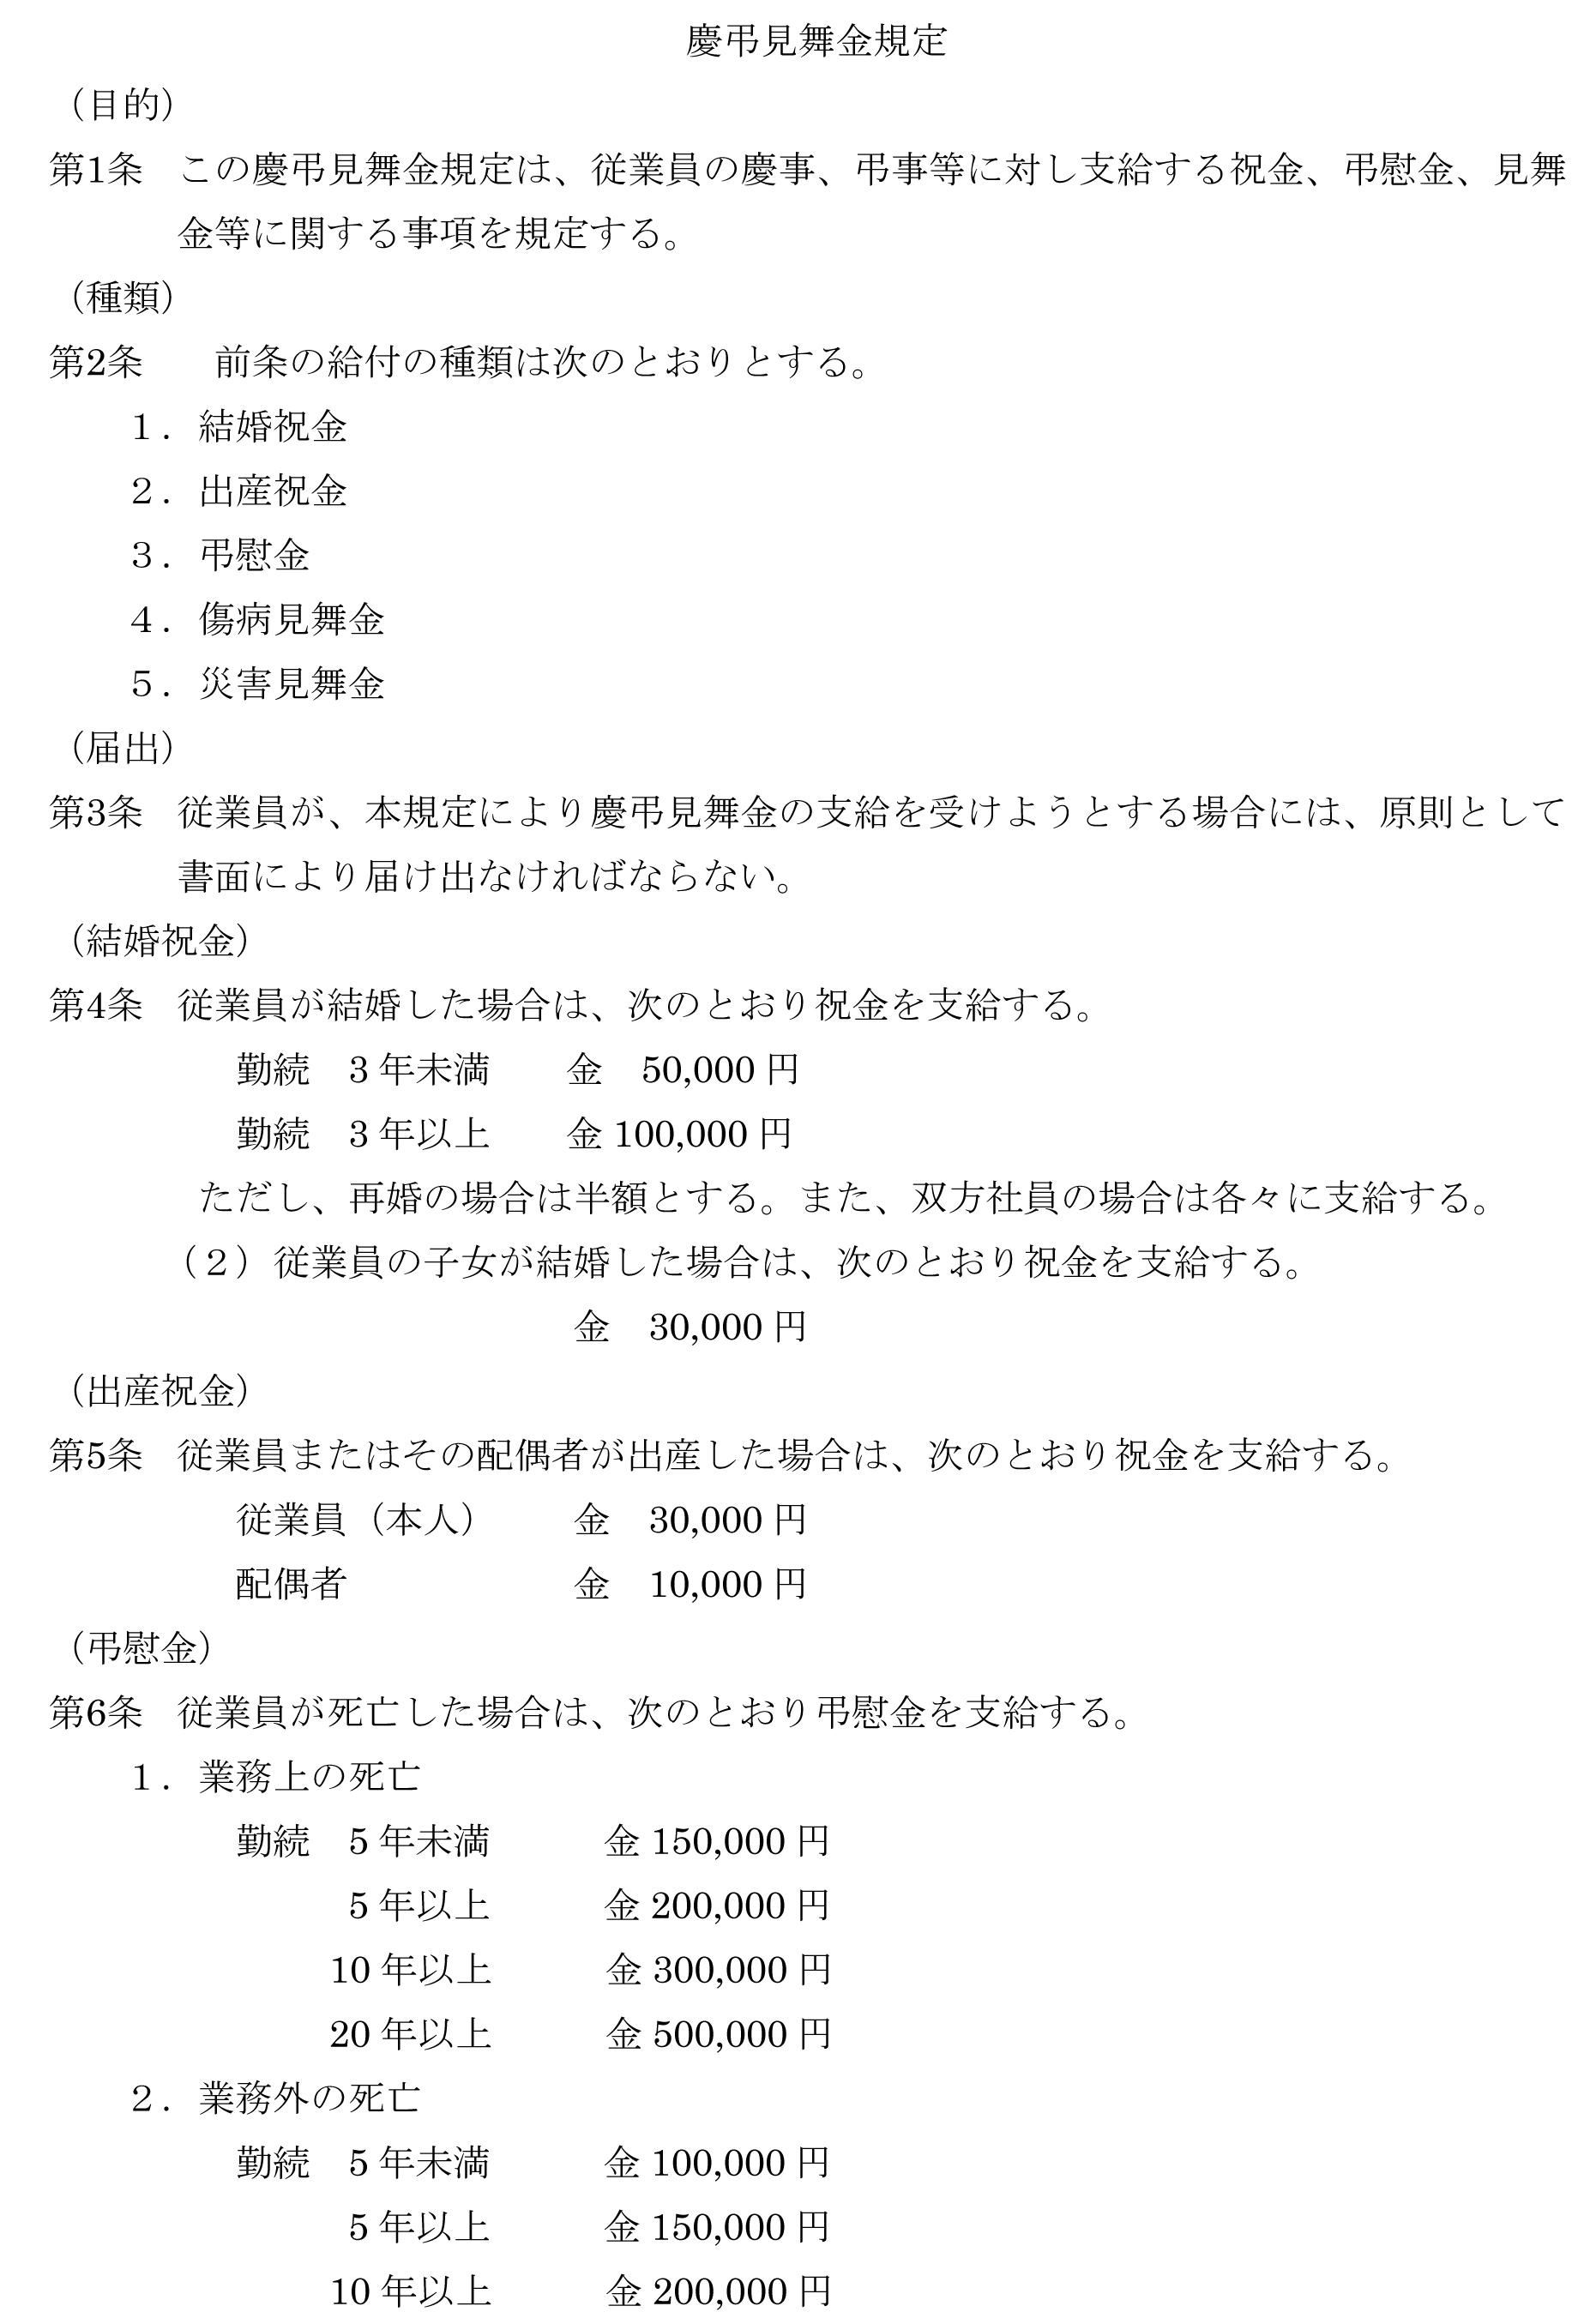 慶弔見舞金規程_5